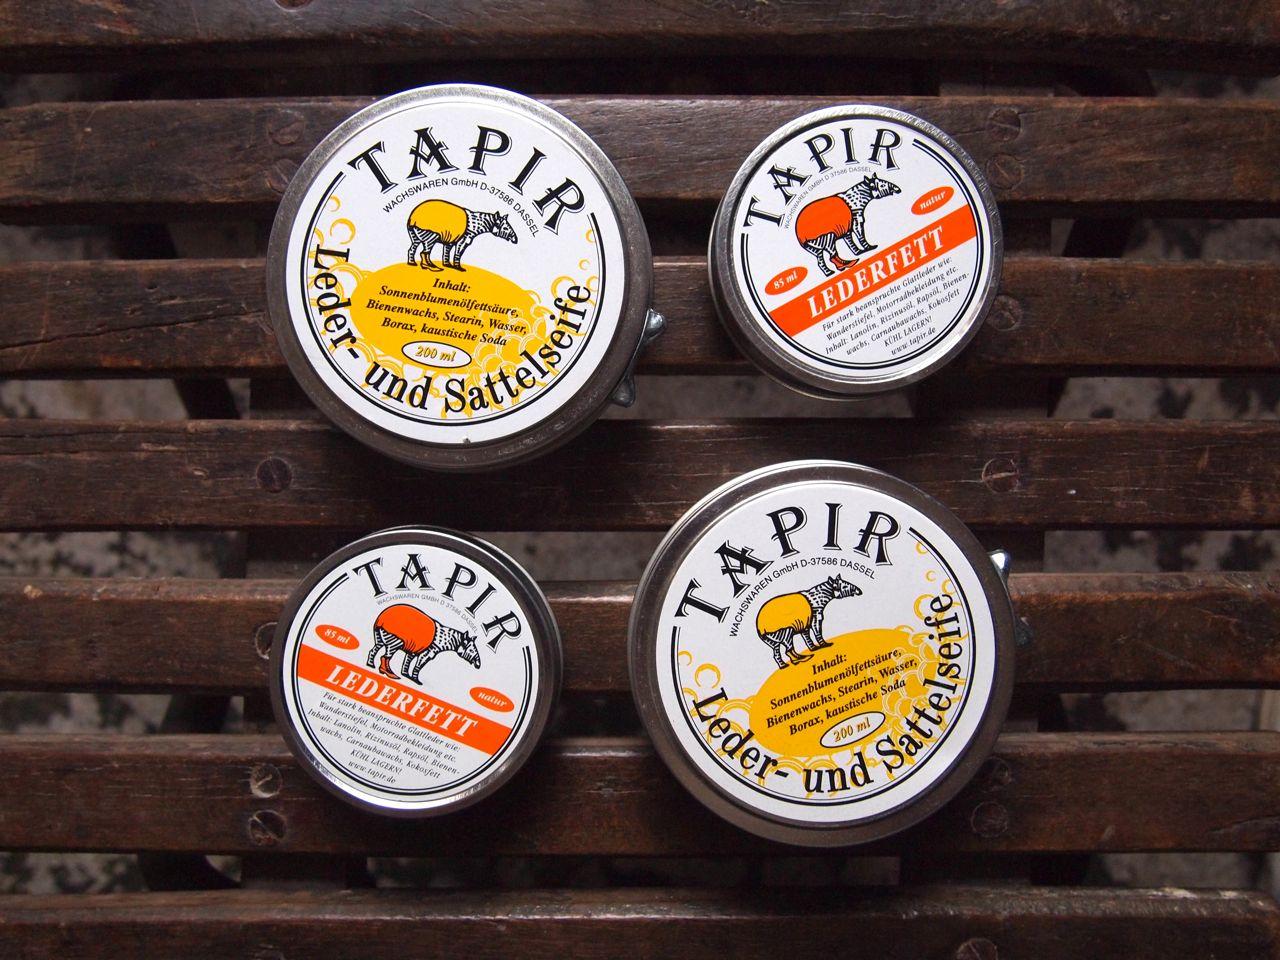 tapirledersoapfett.jpg